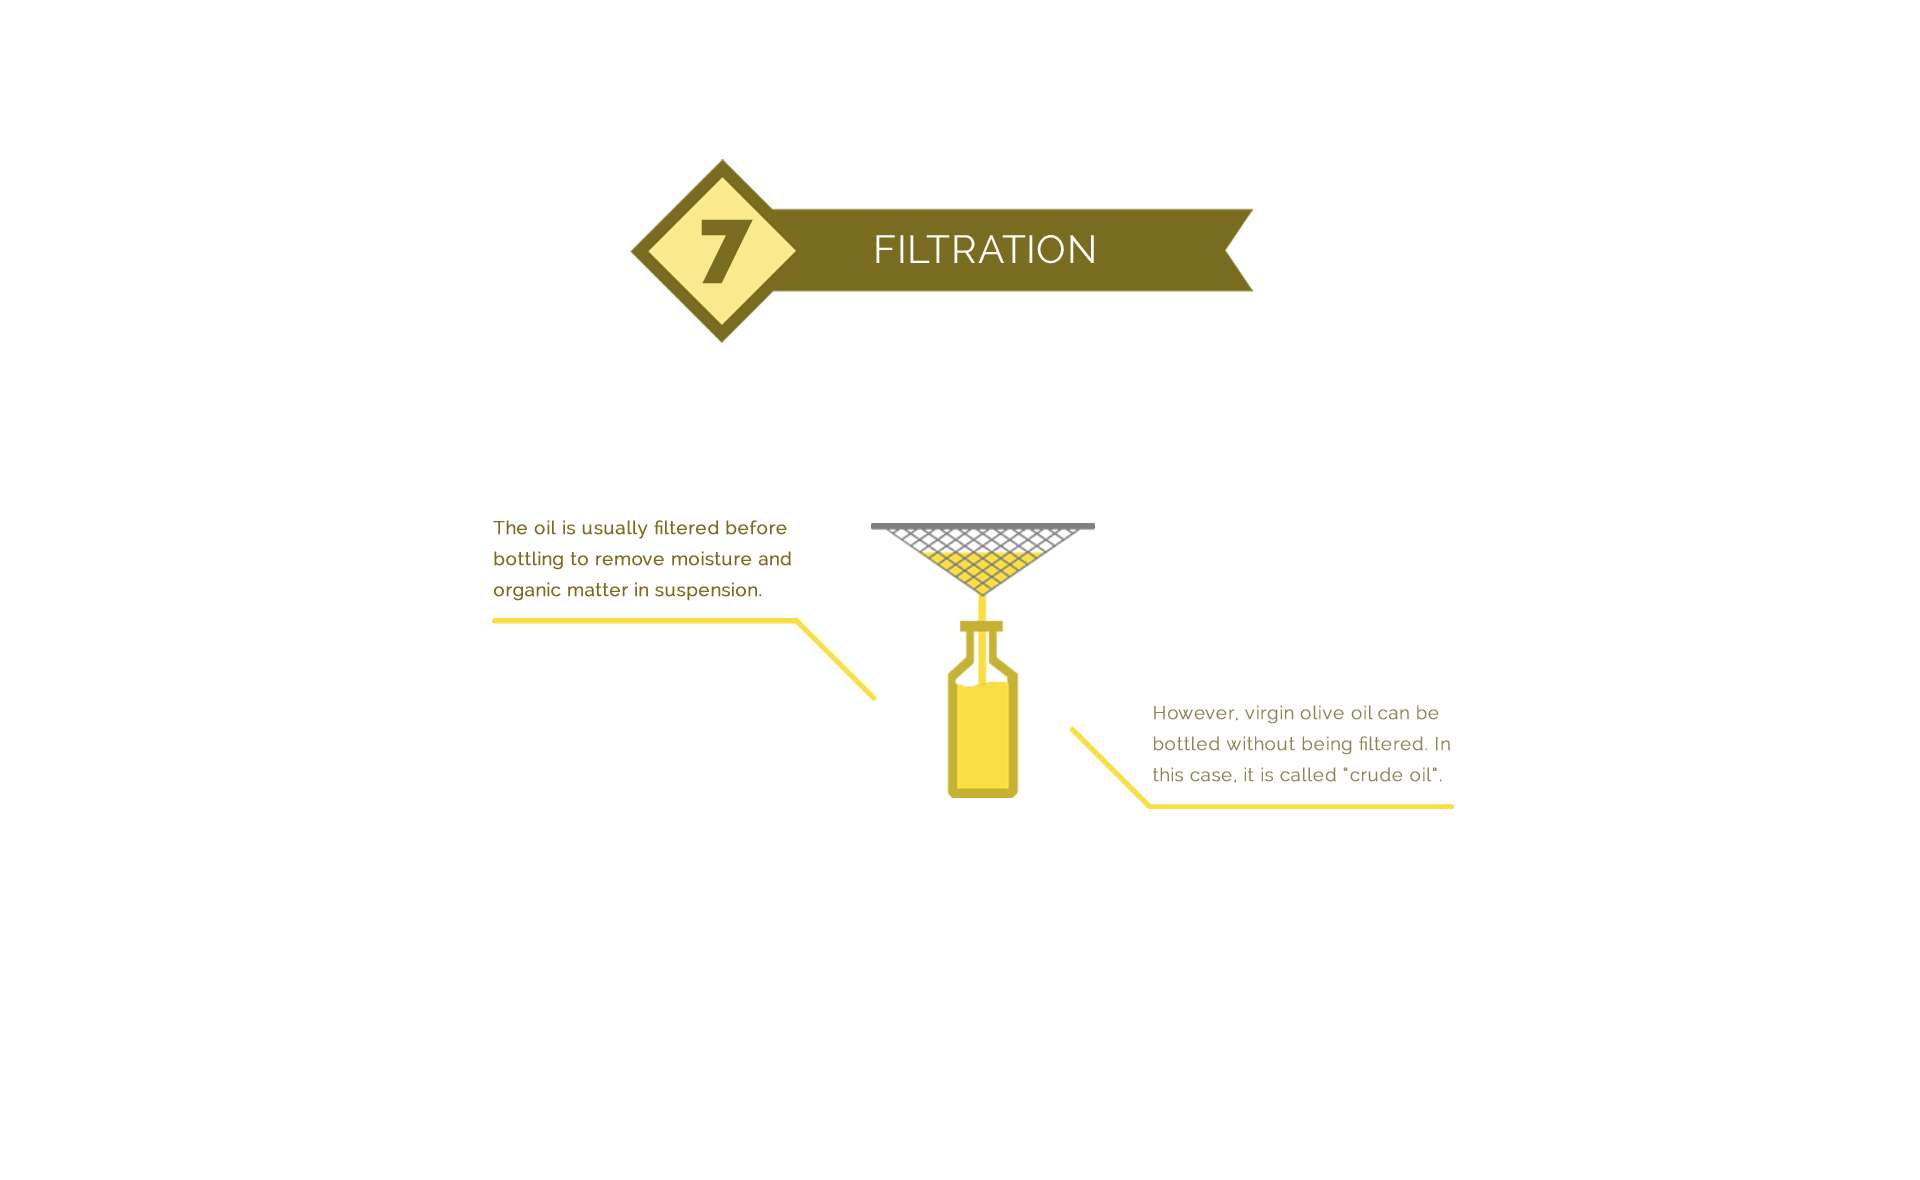 Filtering olive oil